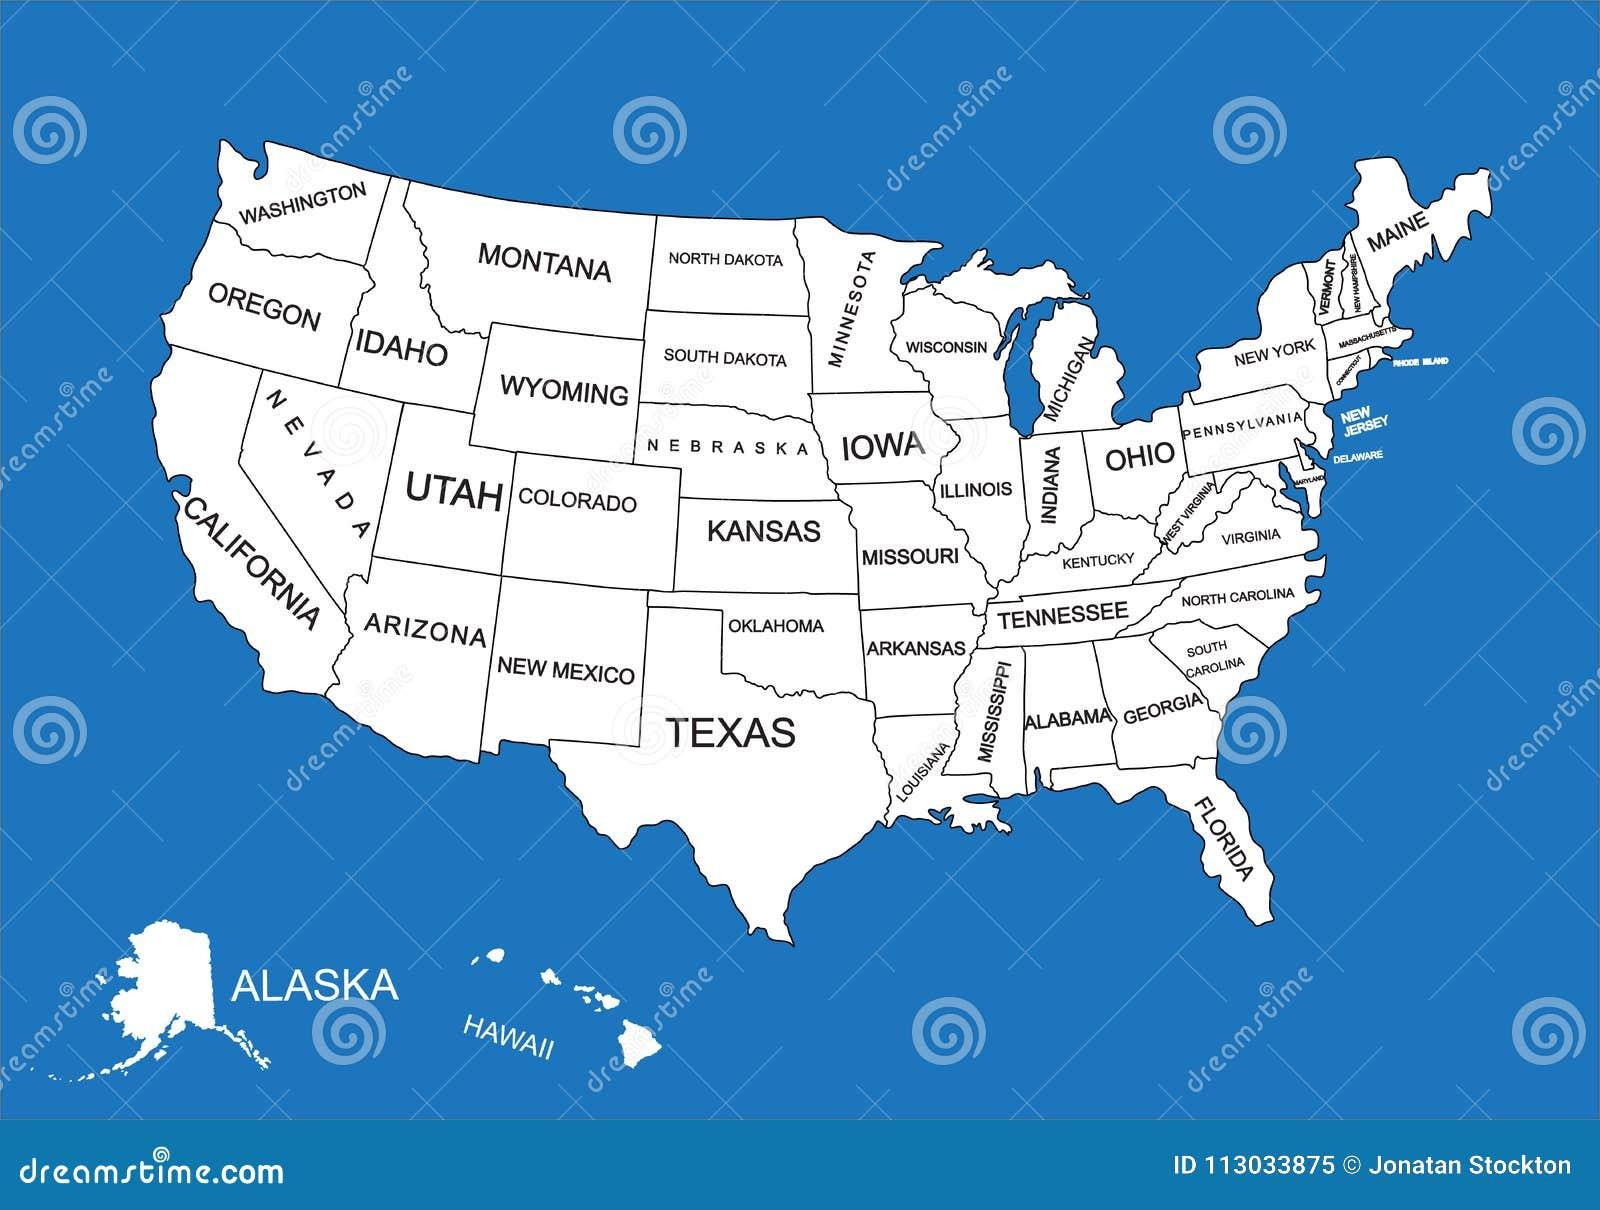 Cartina Geografica Politica Degli Stati Uniti.Mappa In Bianco Editabile Di Vettore Degli Stati Uniti Mappa Di Vettore Degli Stati Uniti D America Illustrazione Vettoriale Illustrazione Di Louisiana Programma 113033875